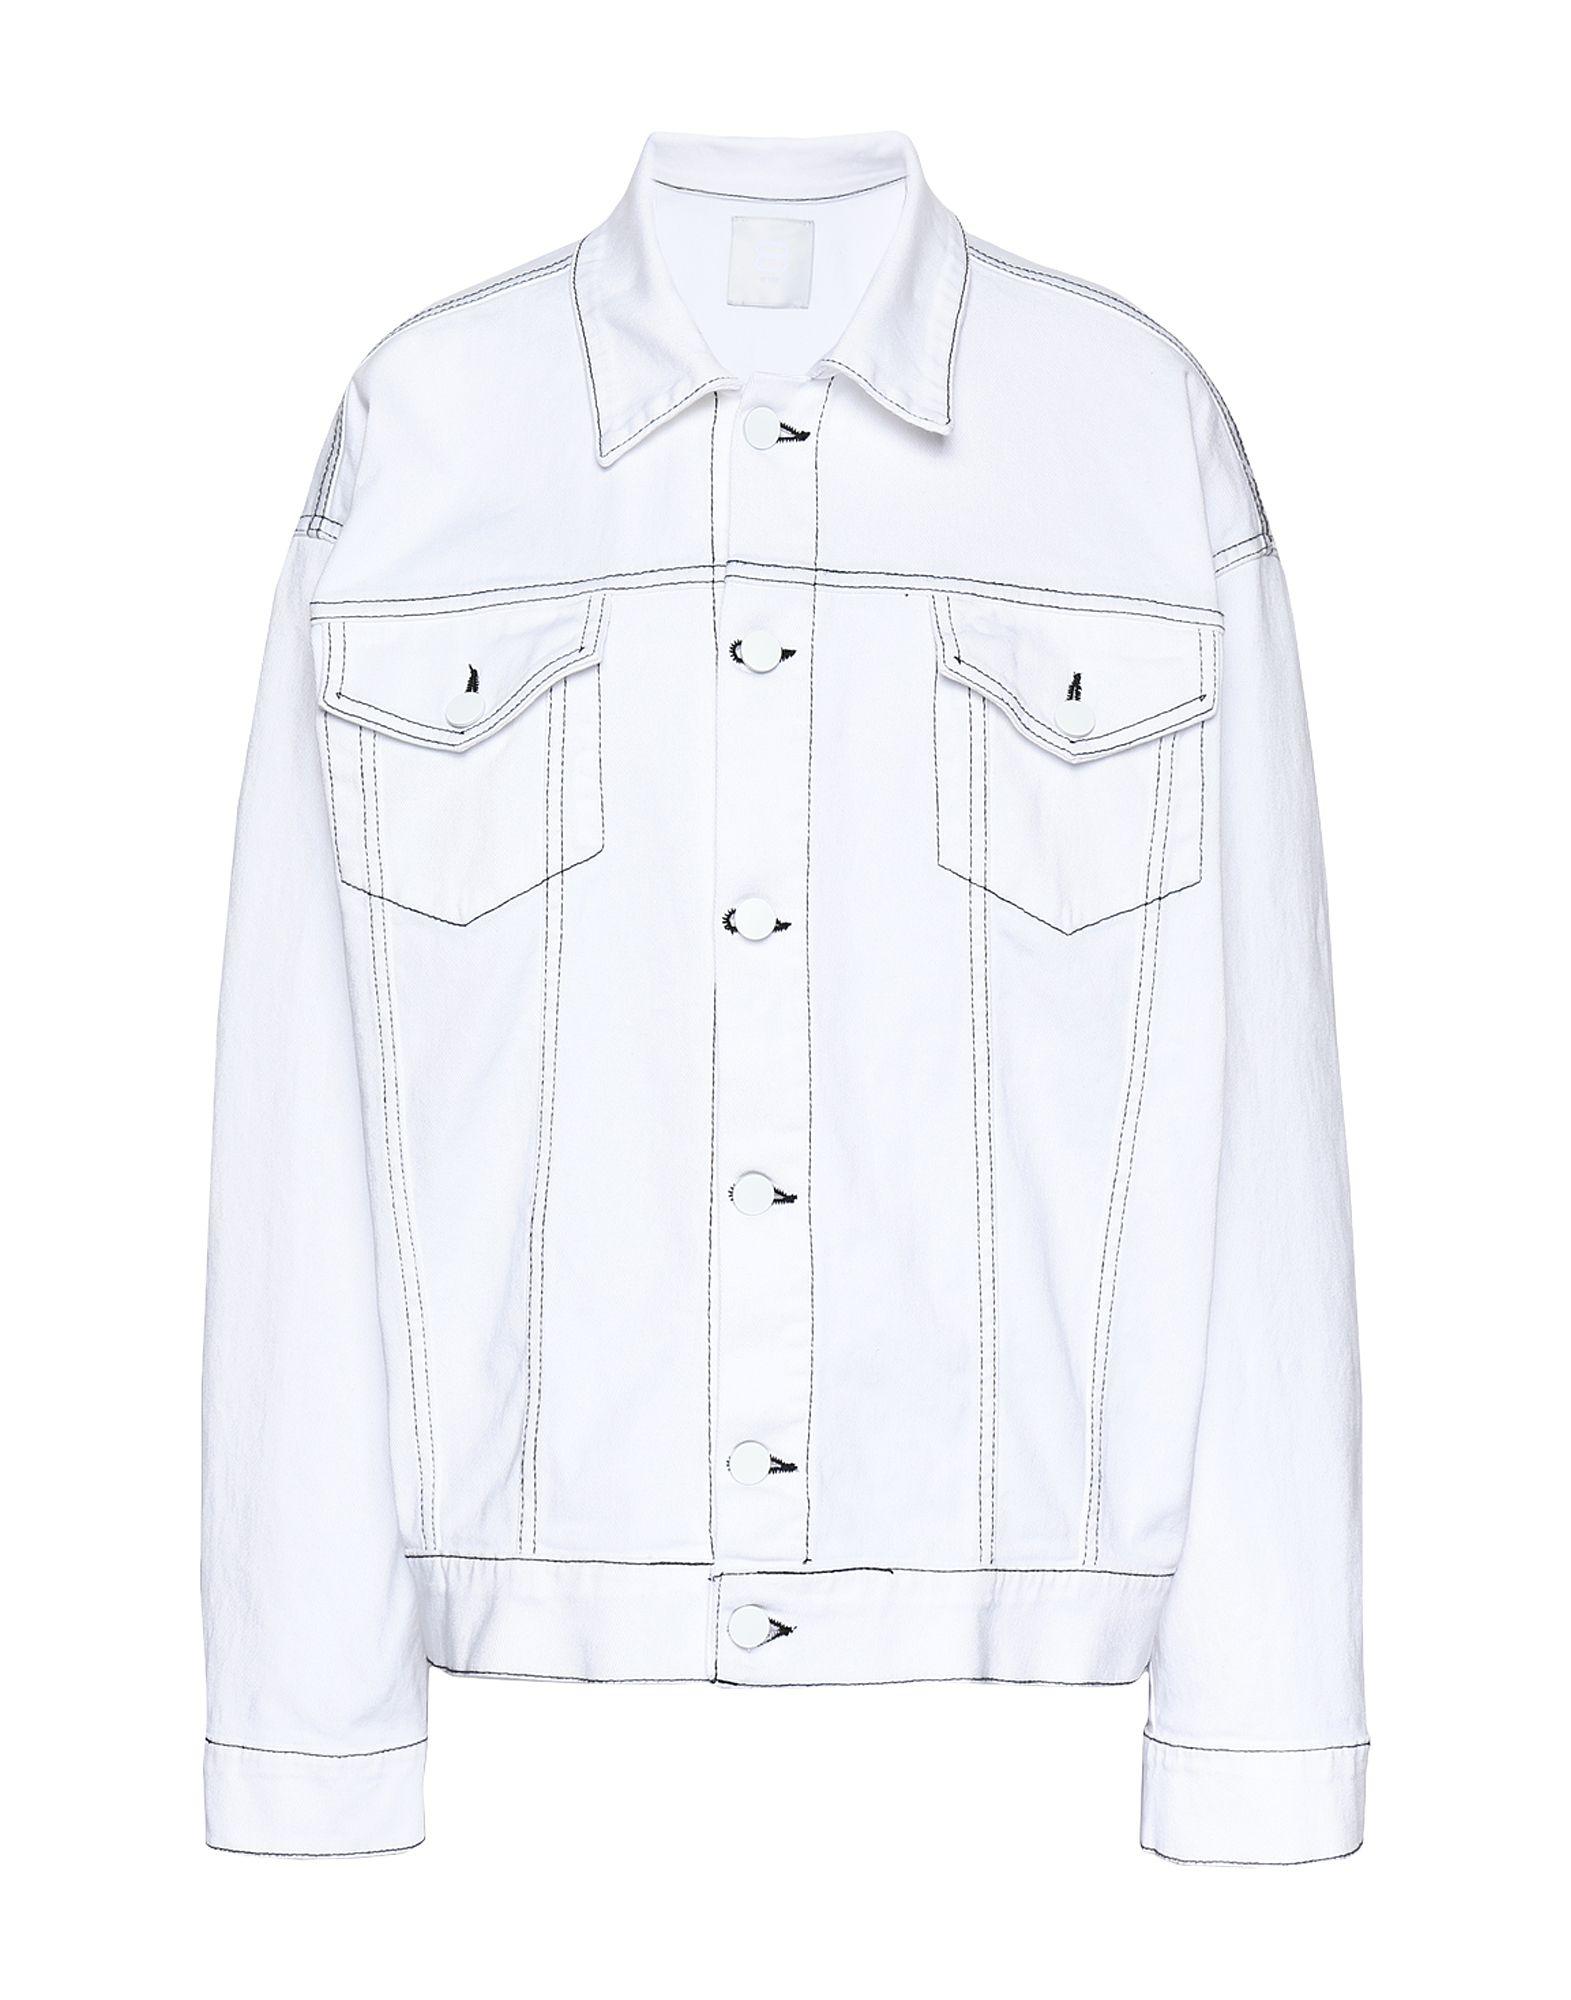 8 by YOOX Джинсовая верхняя одежда 8 by yoox джинсовая верхняя одежда